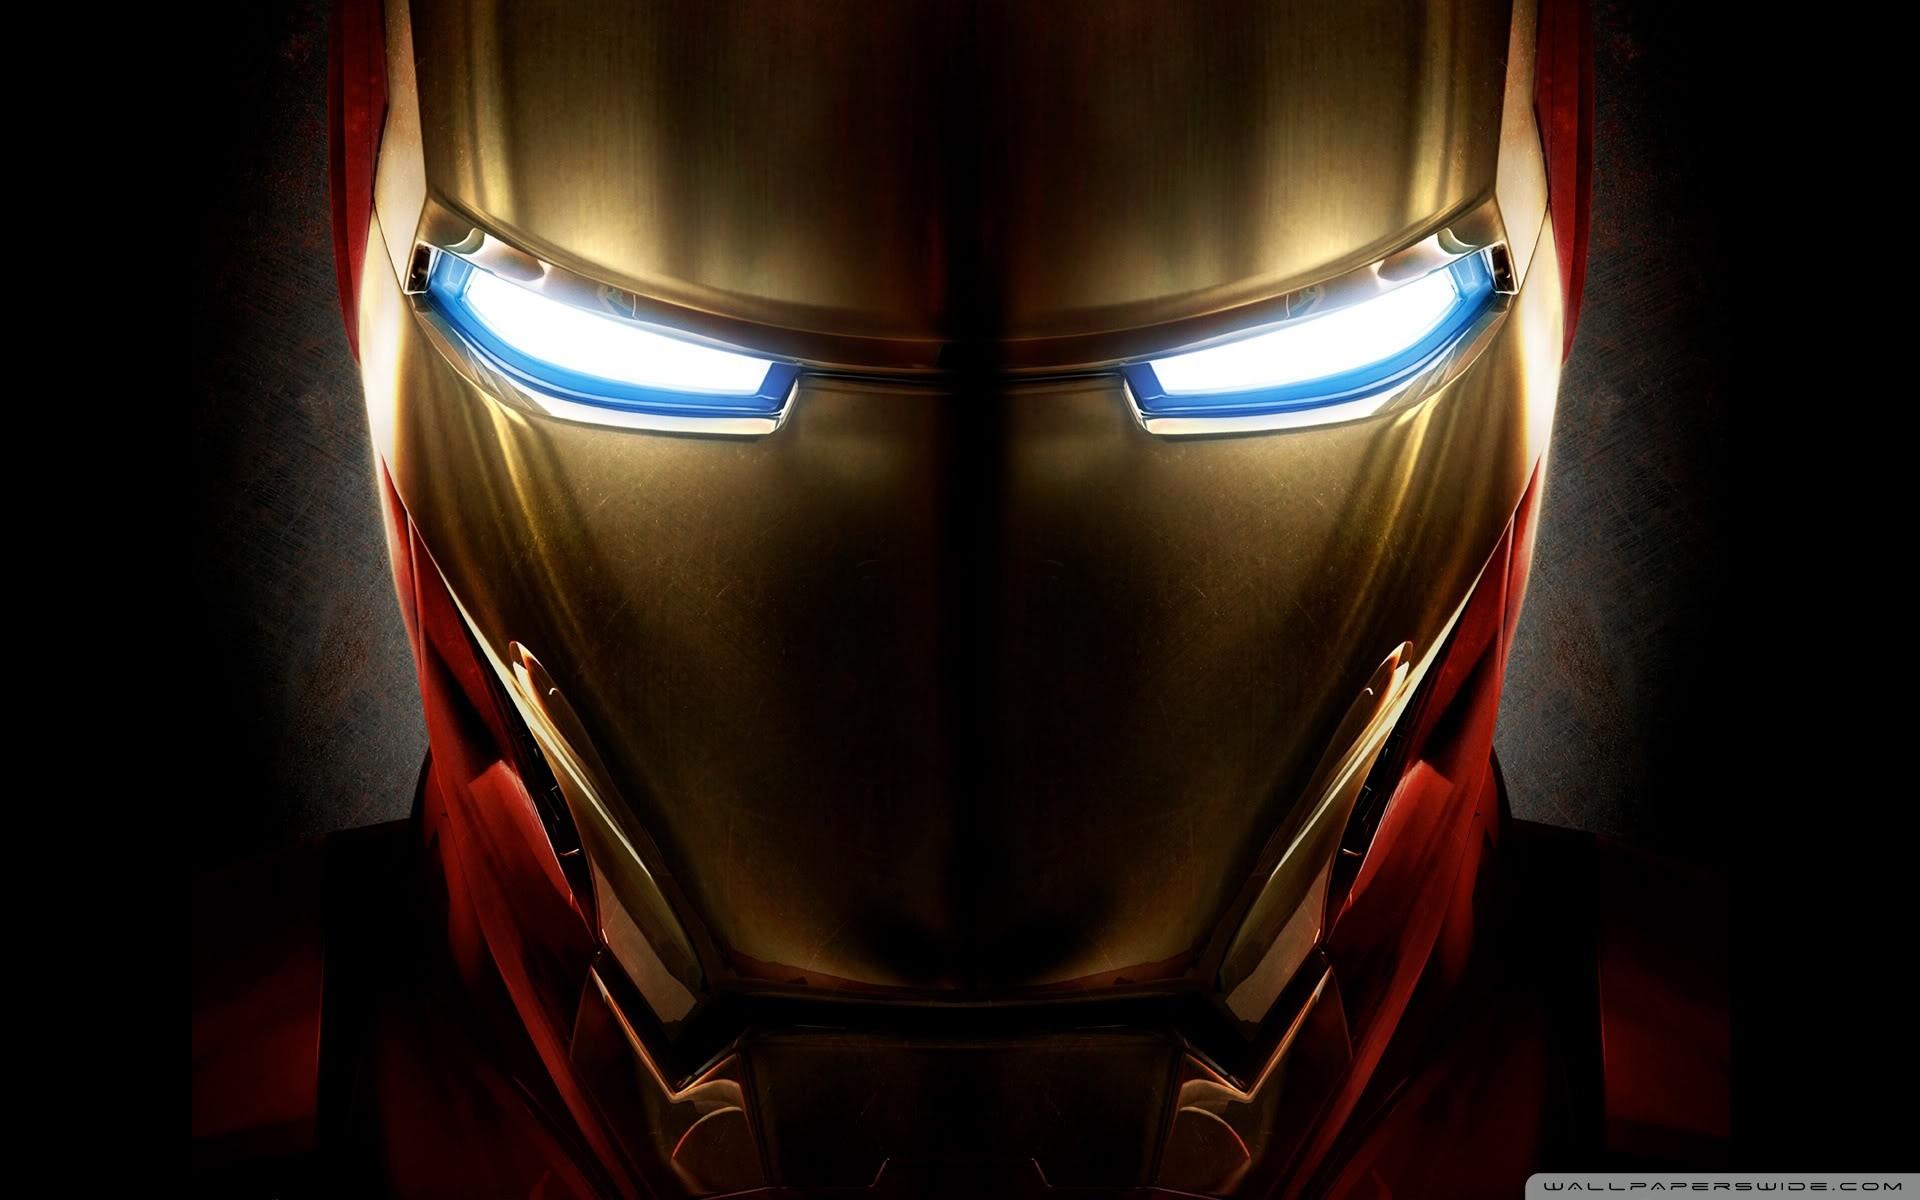 Iron Man Helmet HD Wide Wallpaper for Widescreen